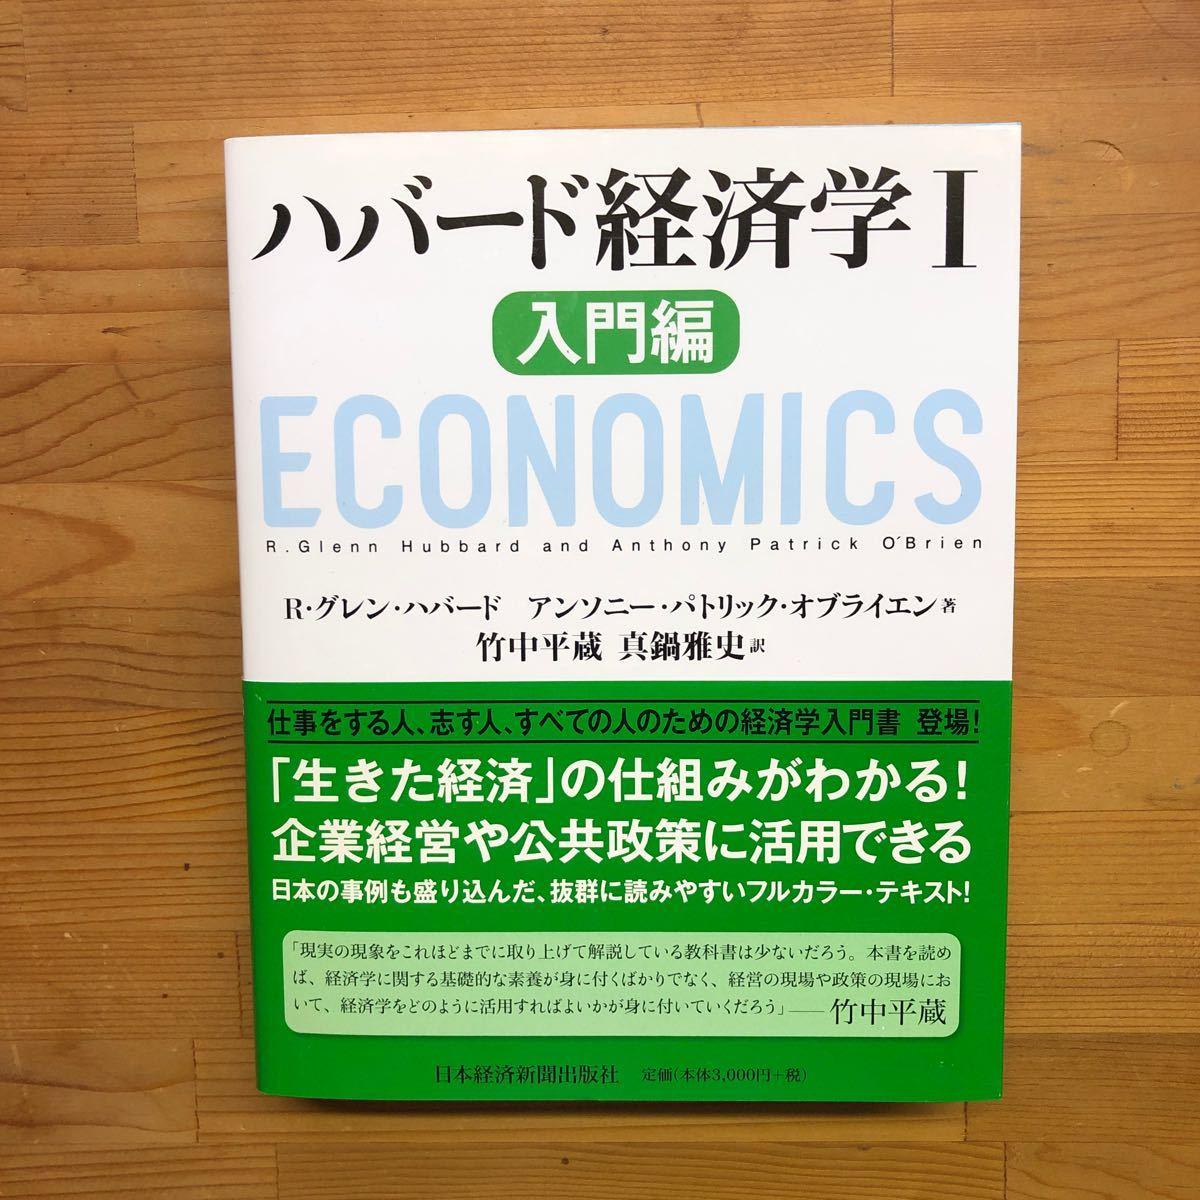 ハバード経済学 I、II、III Rグレンハワード他著、日本経済新聞出版社